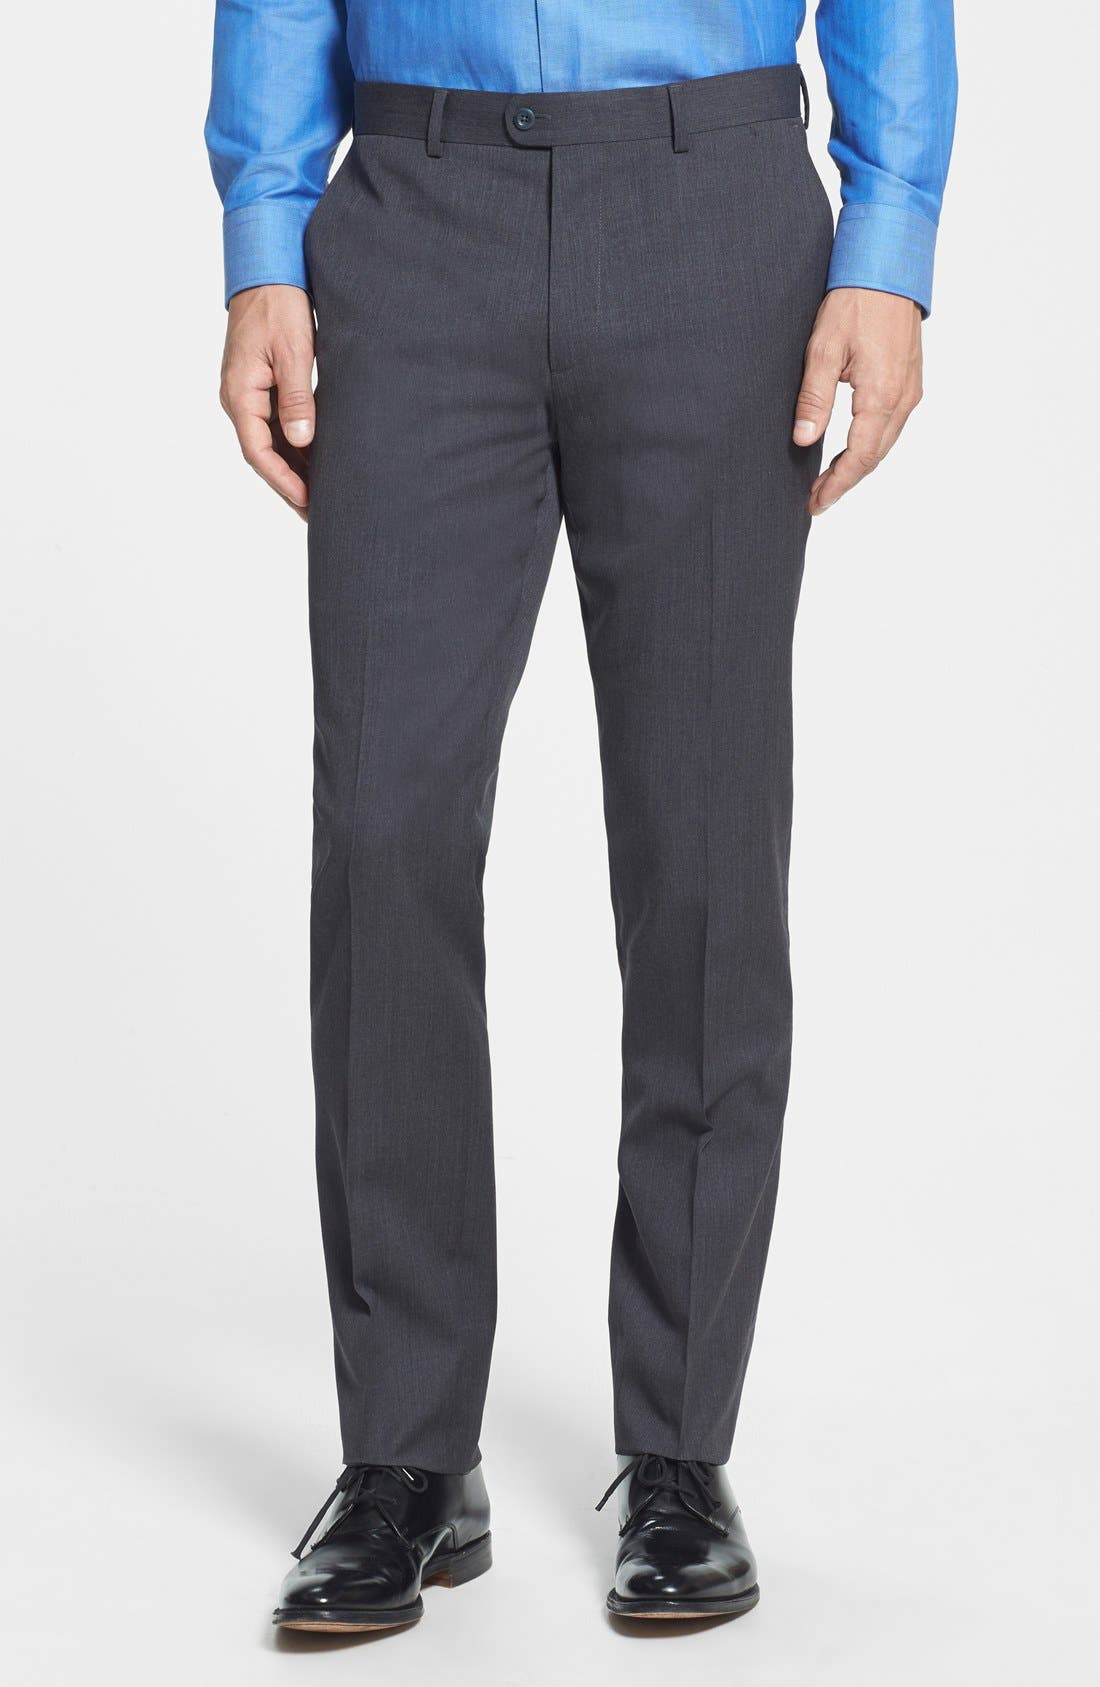 Gab Trim Fit Flat Front Pants,                             Main thumbnail 1, color,                             002